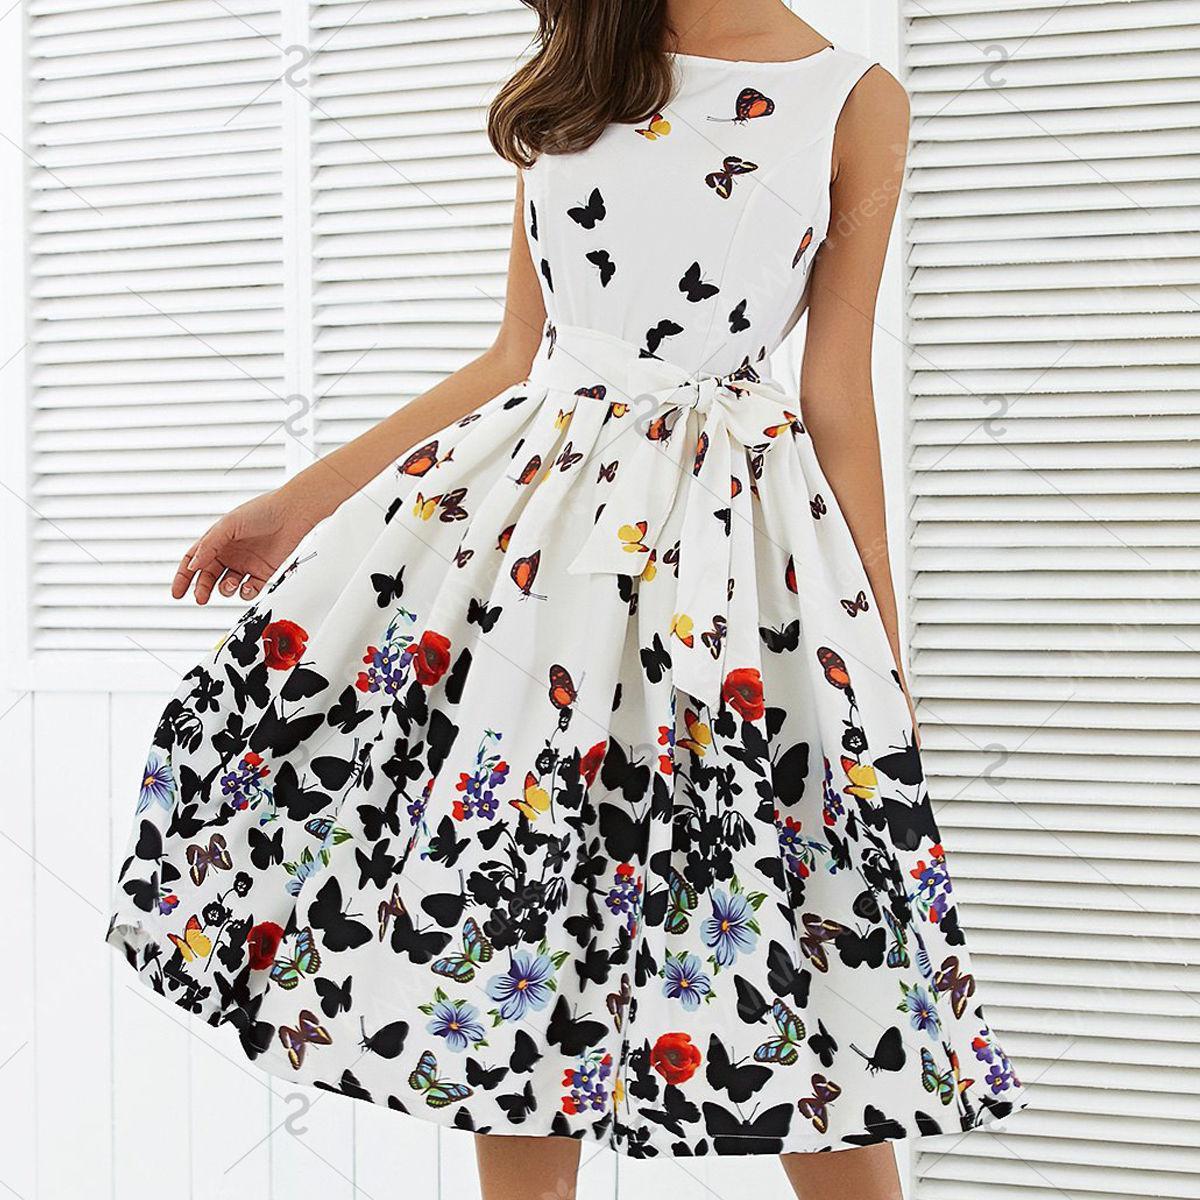 56415cff2a3a Nuevo 2017 Moda Mujer Mariposa Floral Vintage Plisado Swing Vestidos Verano  Sin Mangas Cremallera Fajas Vestido Retro Vestidos de Fiesta